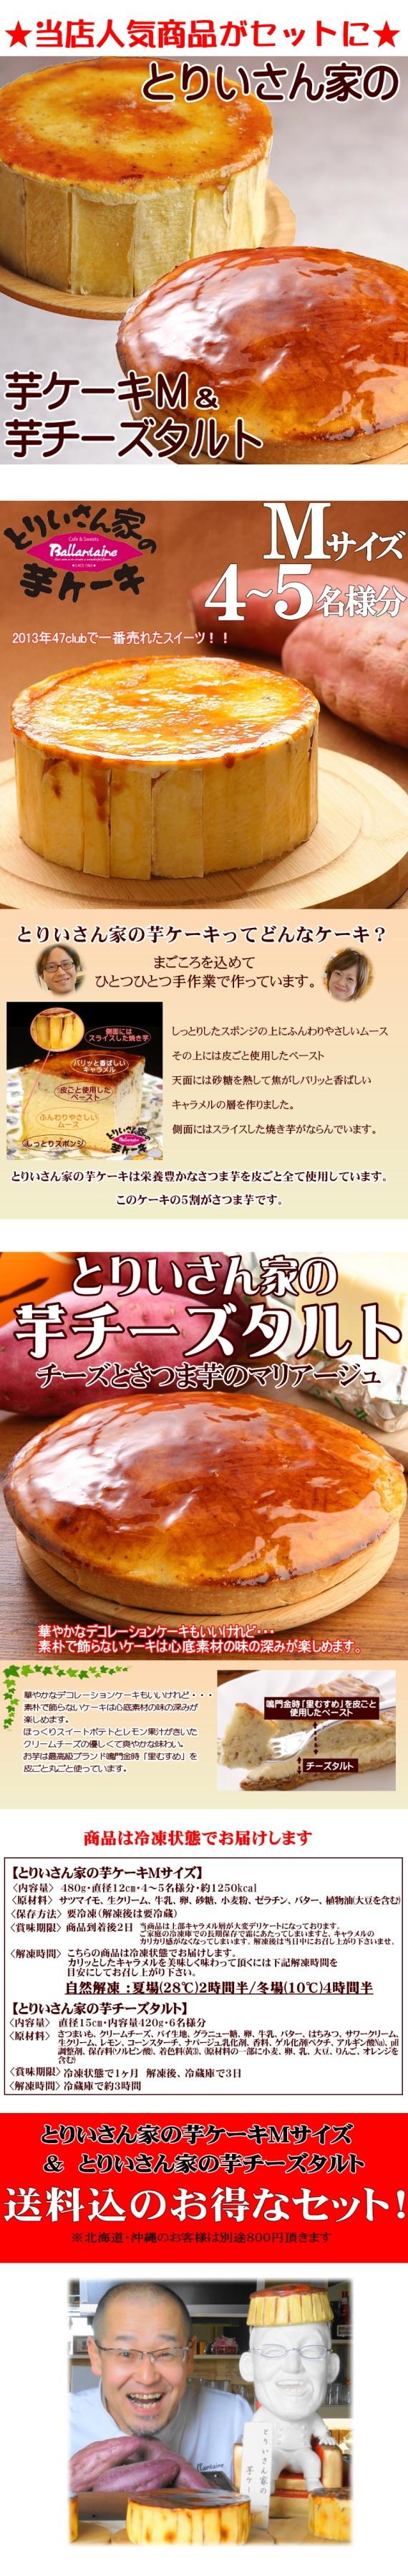 芋ケーキMサイズ&メッチャ美味しい芋チーズタルト 当店人気商品がセットに 送料無料